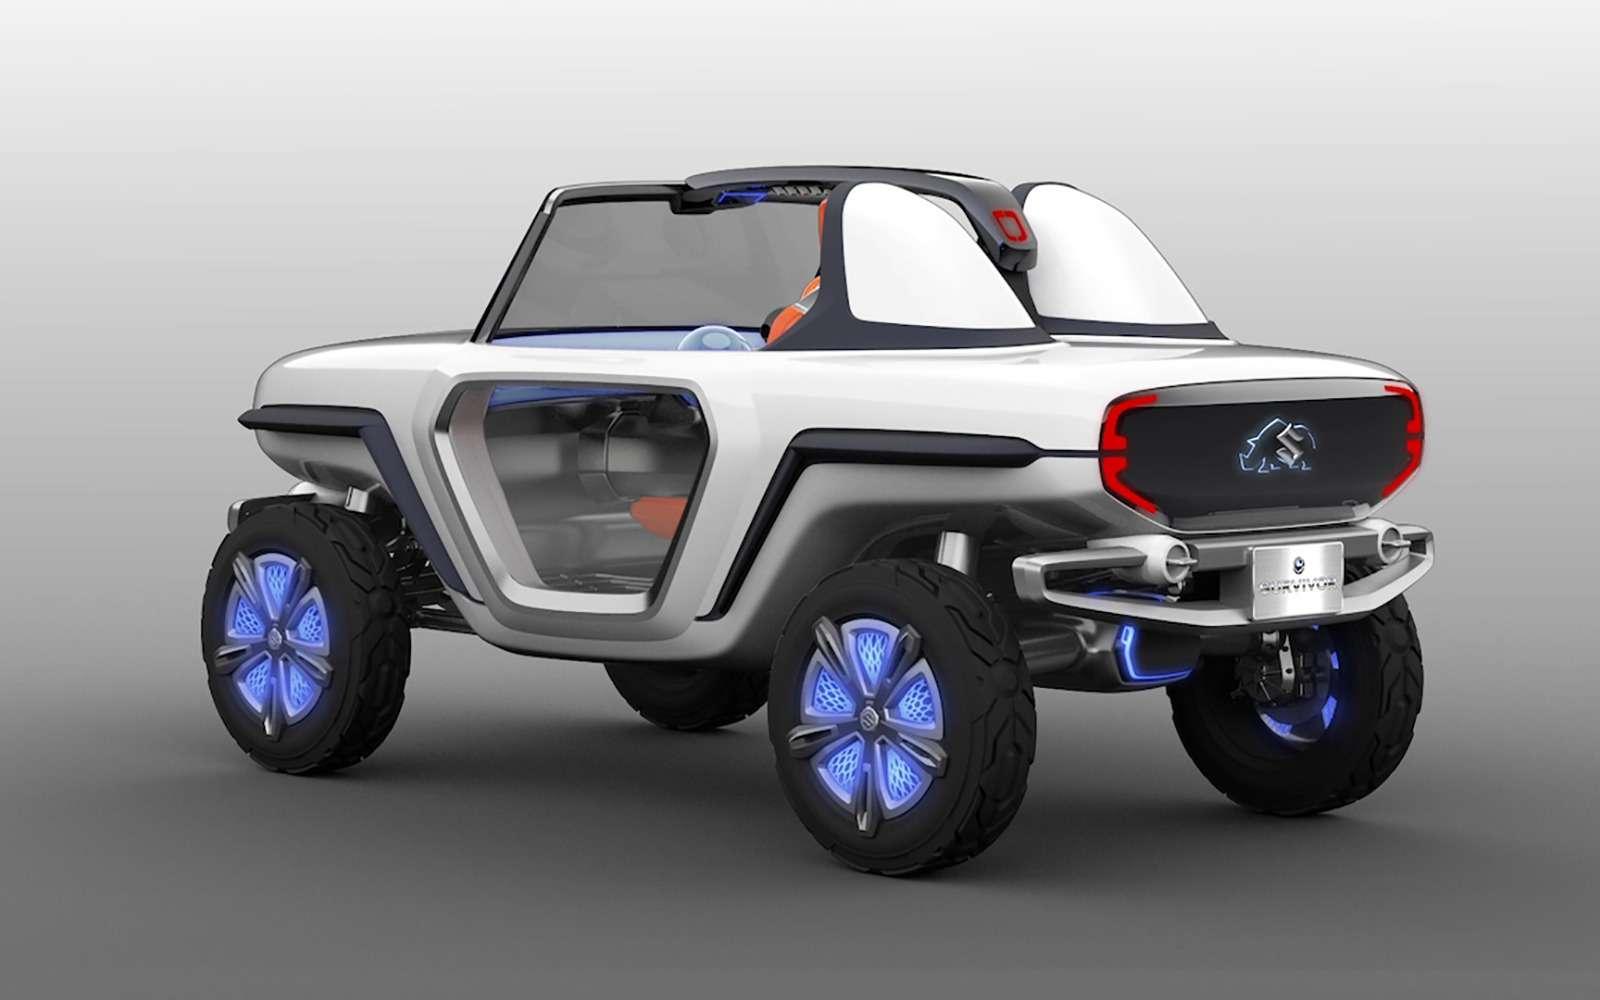 Suzuki сделала внедорожник длиной 346 сантиметров— фото 797422